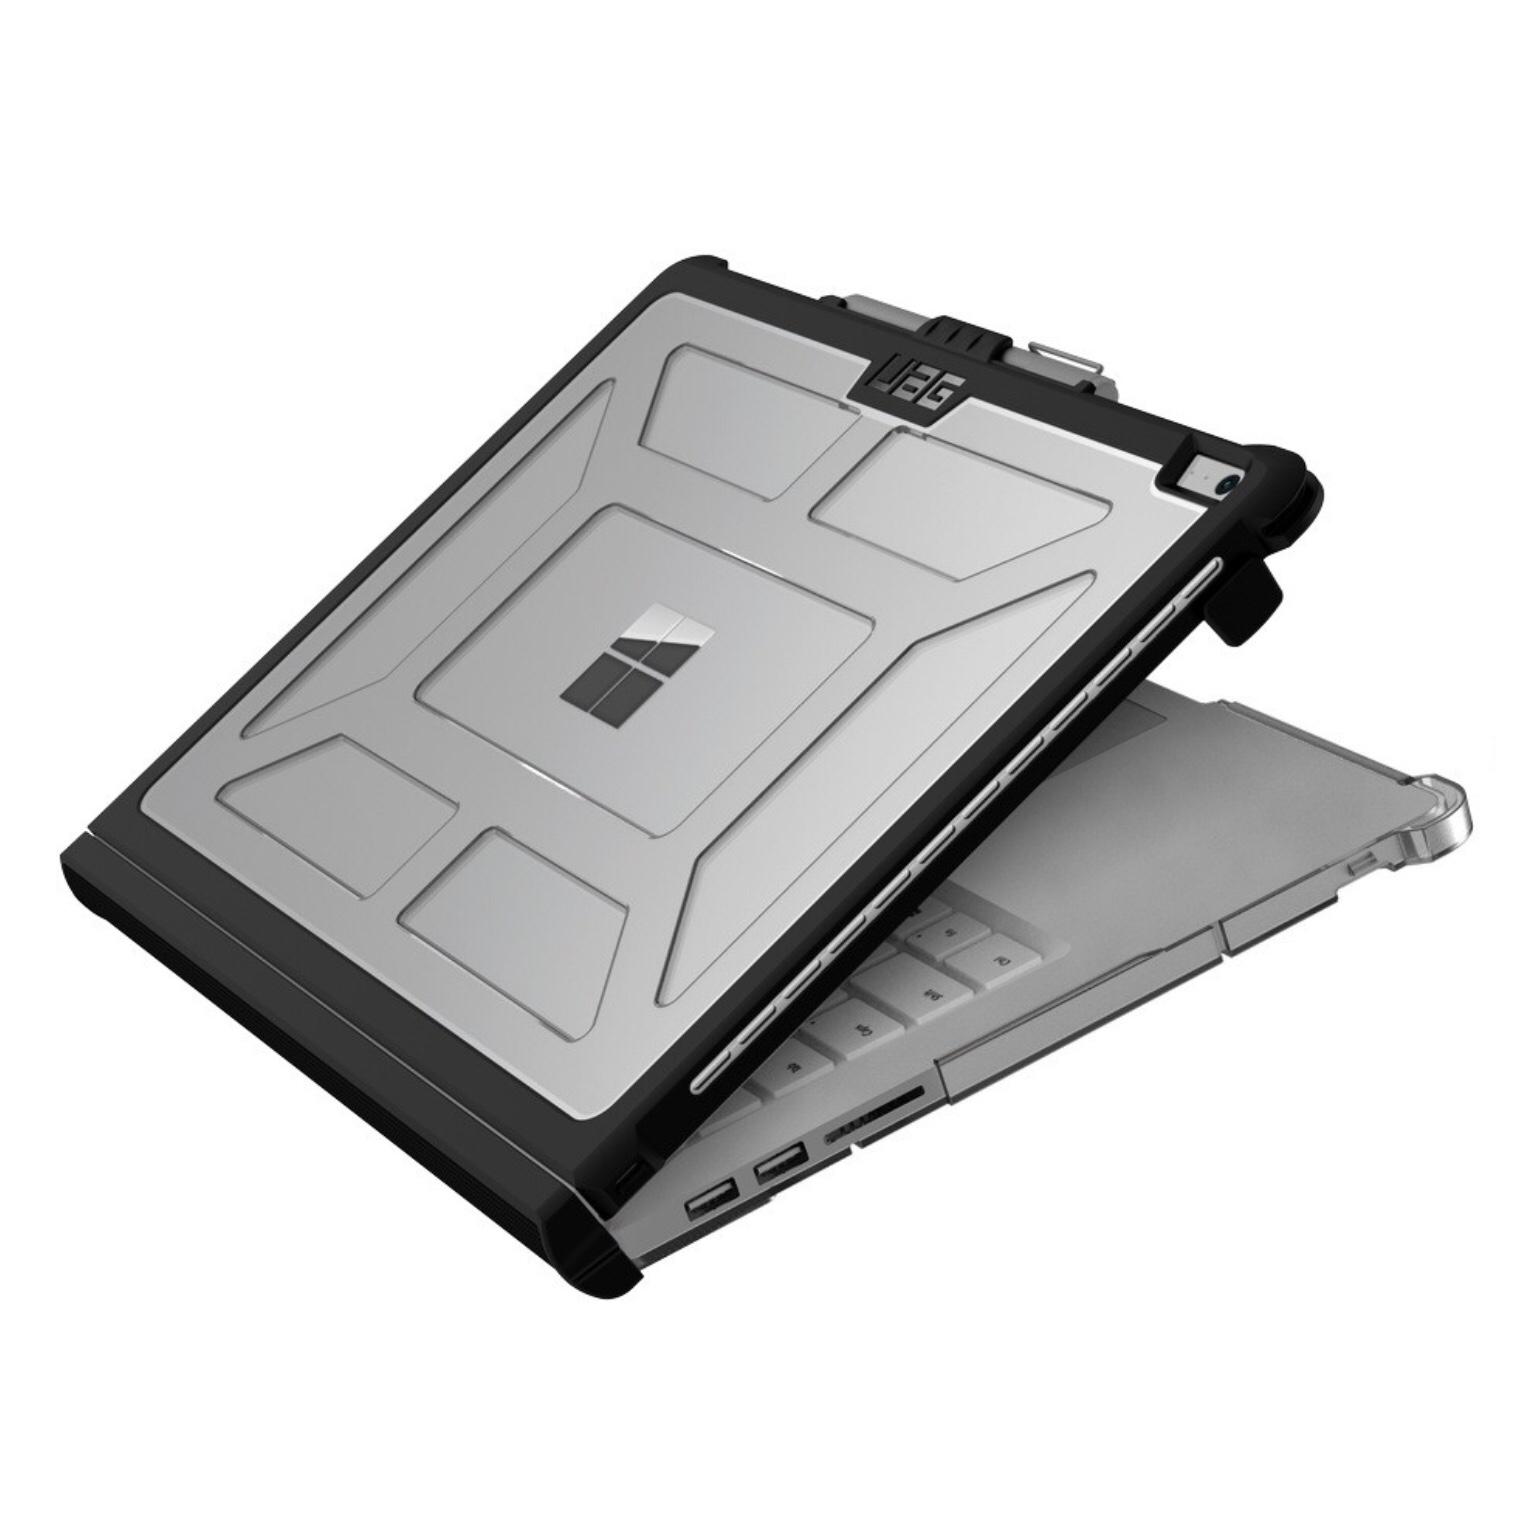 Pack 2 en 1 Coque renforcee Armure SURFACE BOOK 2 13.5 pouces et verre de protection ecran